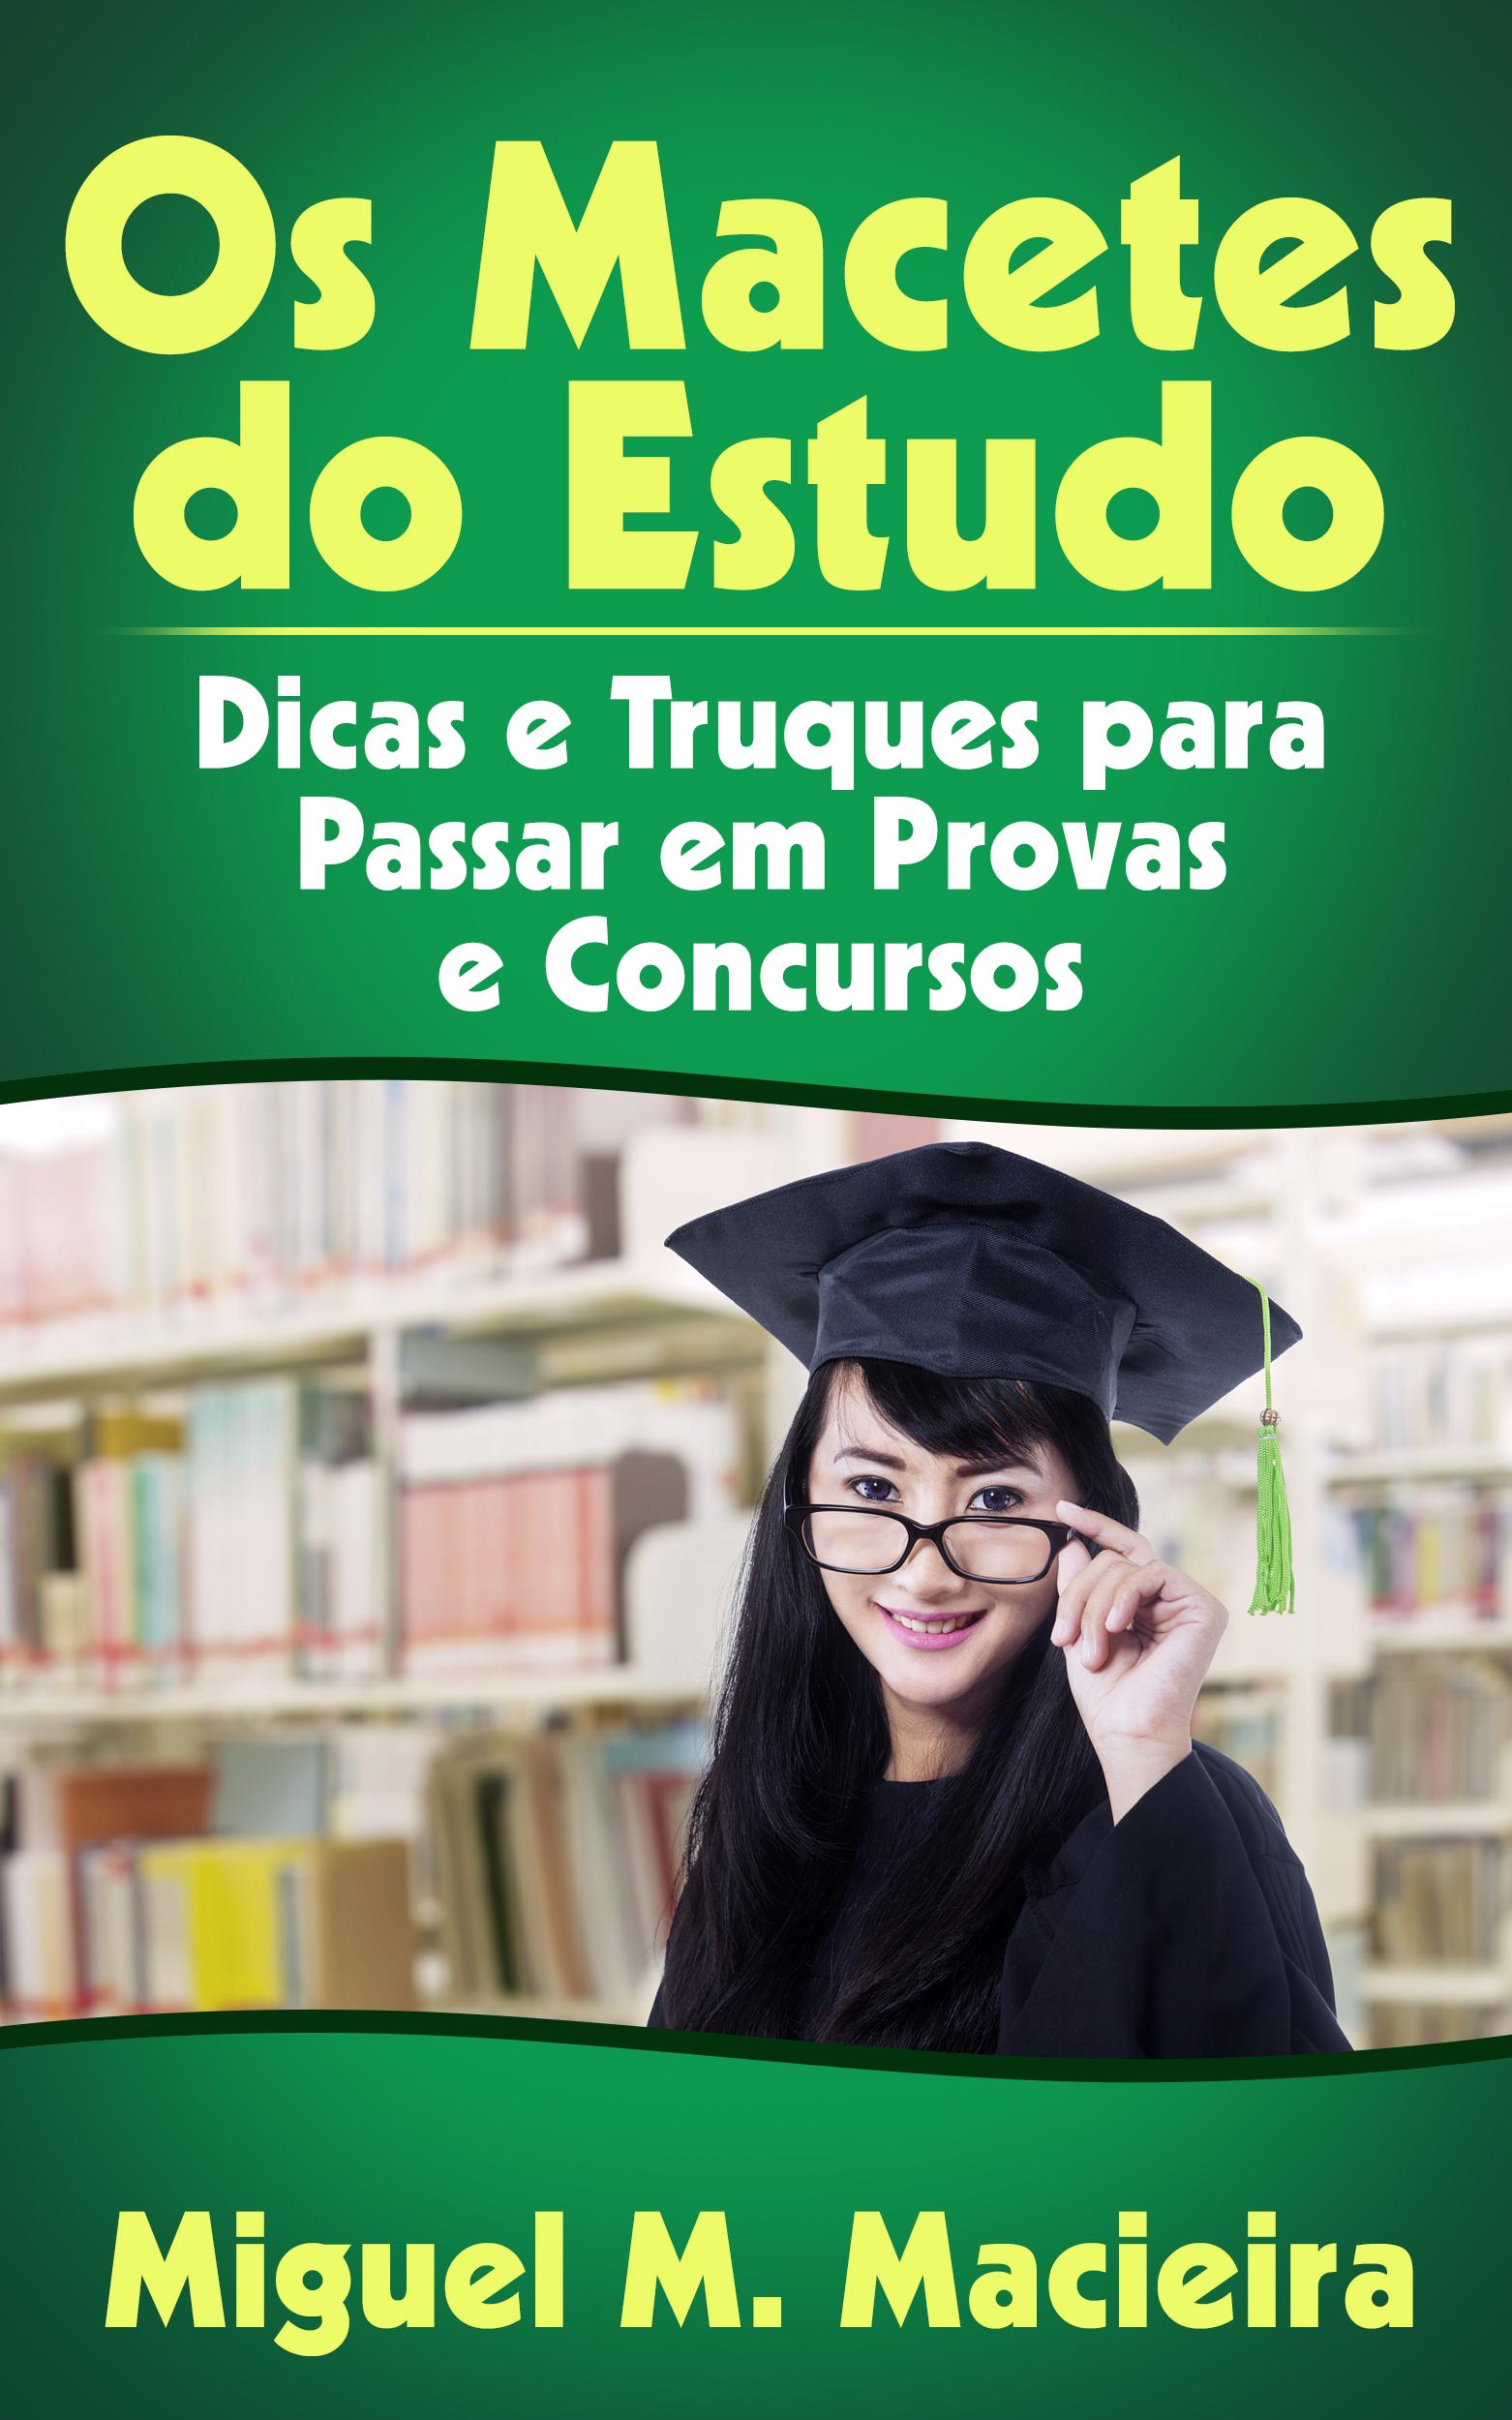 Os macetes do estudo: dicas e truques para passar em provas e concursos